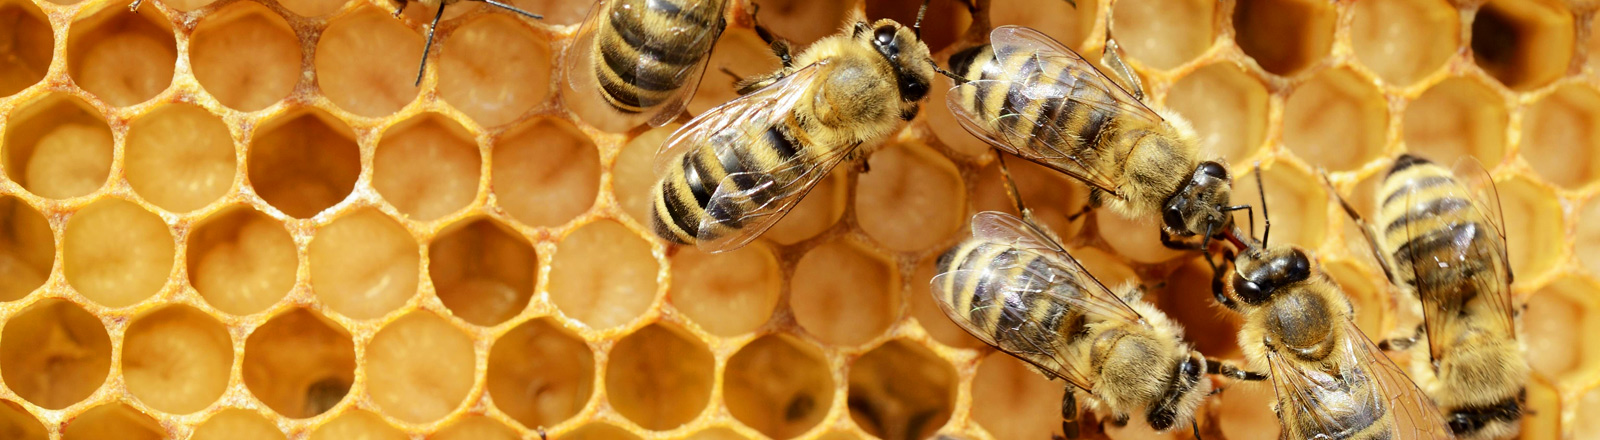 Bienen, Bienenwaben, Larven